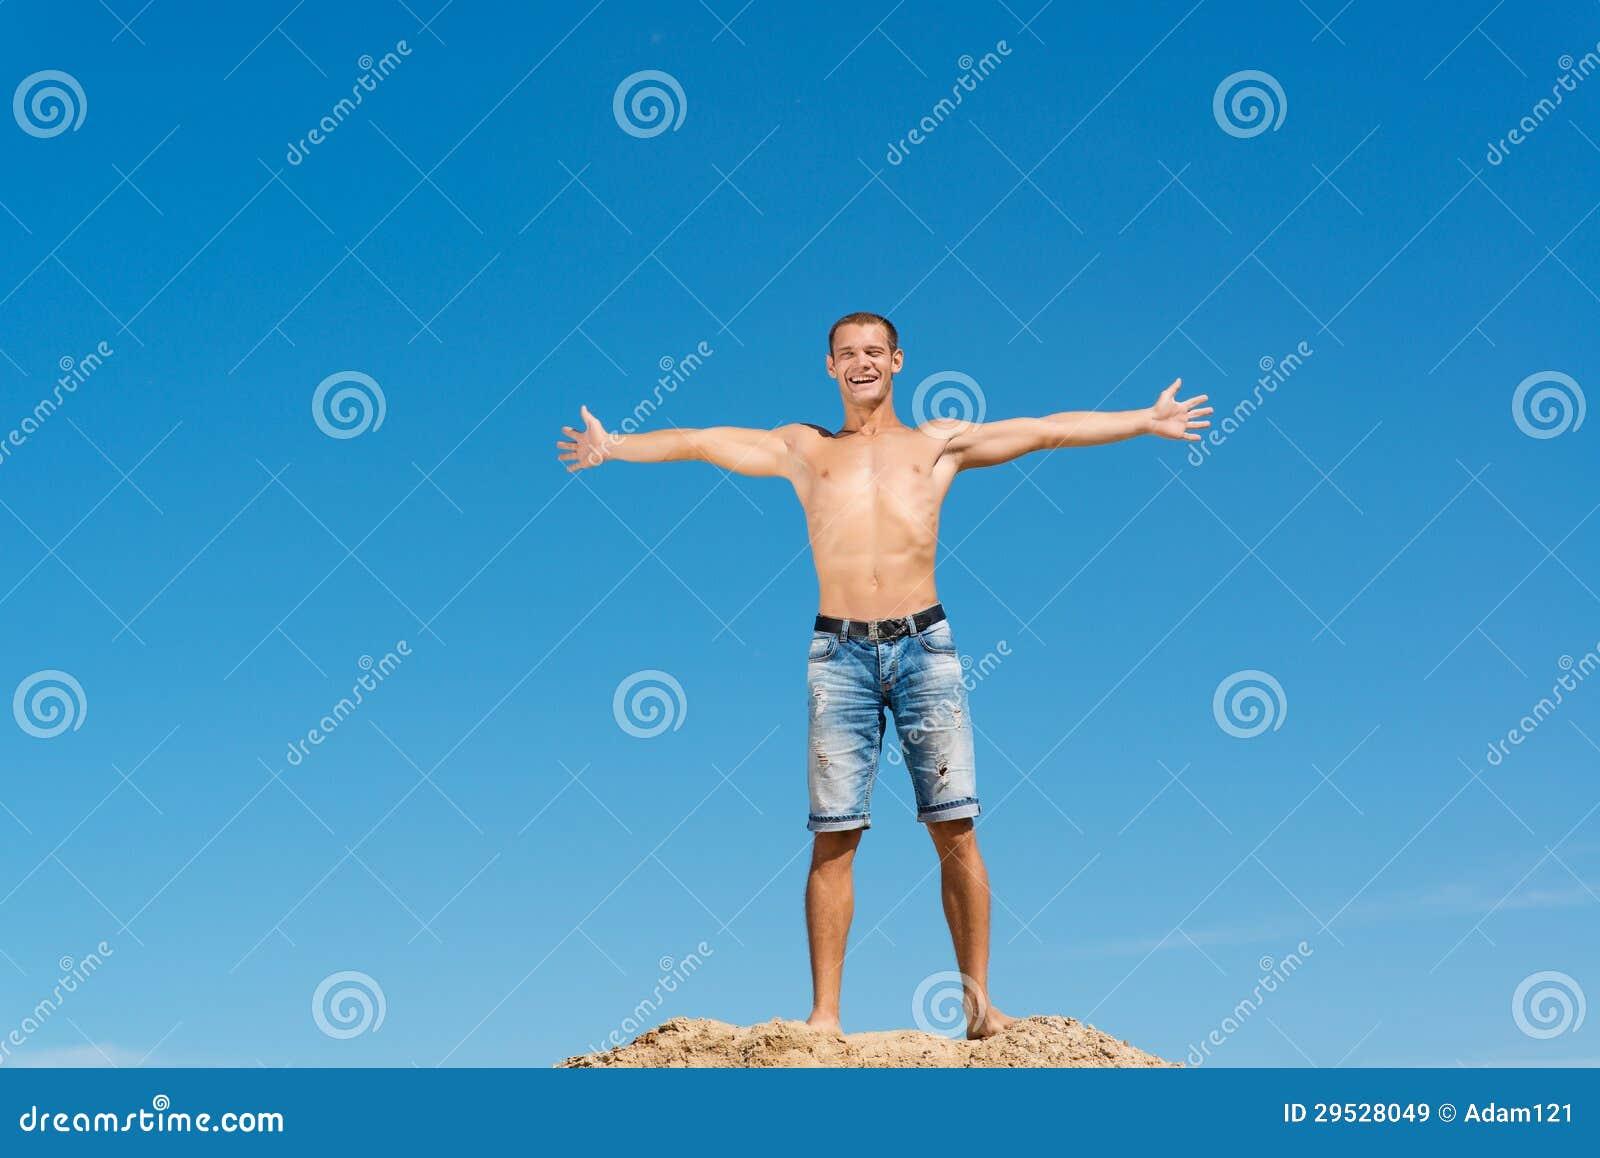 Homem descamisado contra o céu azul